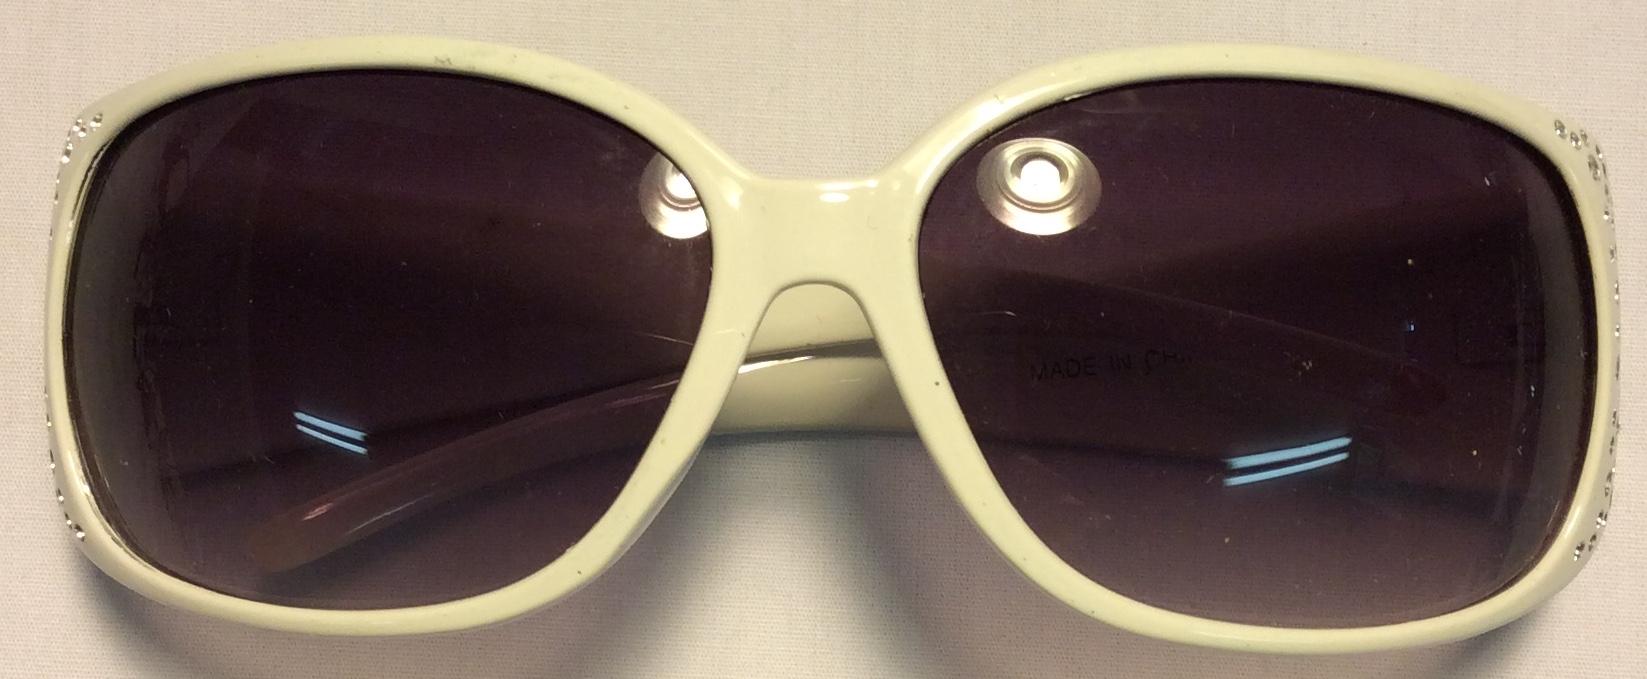 Thick white plastic frames